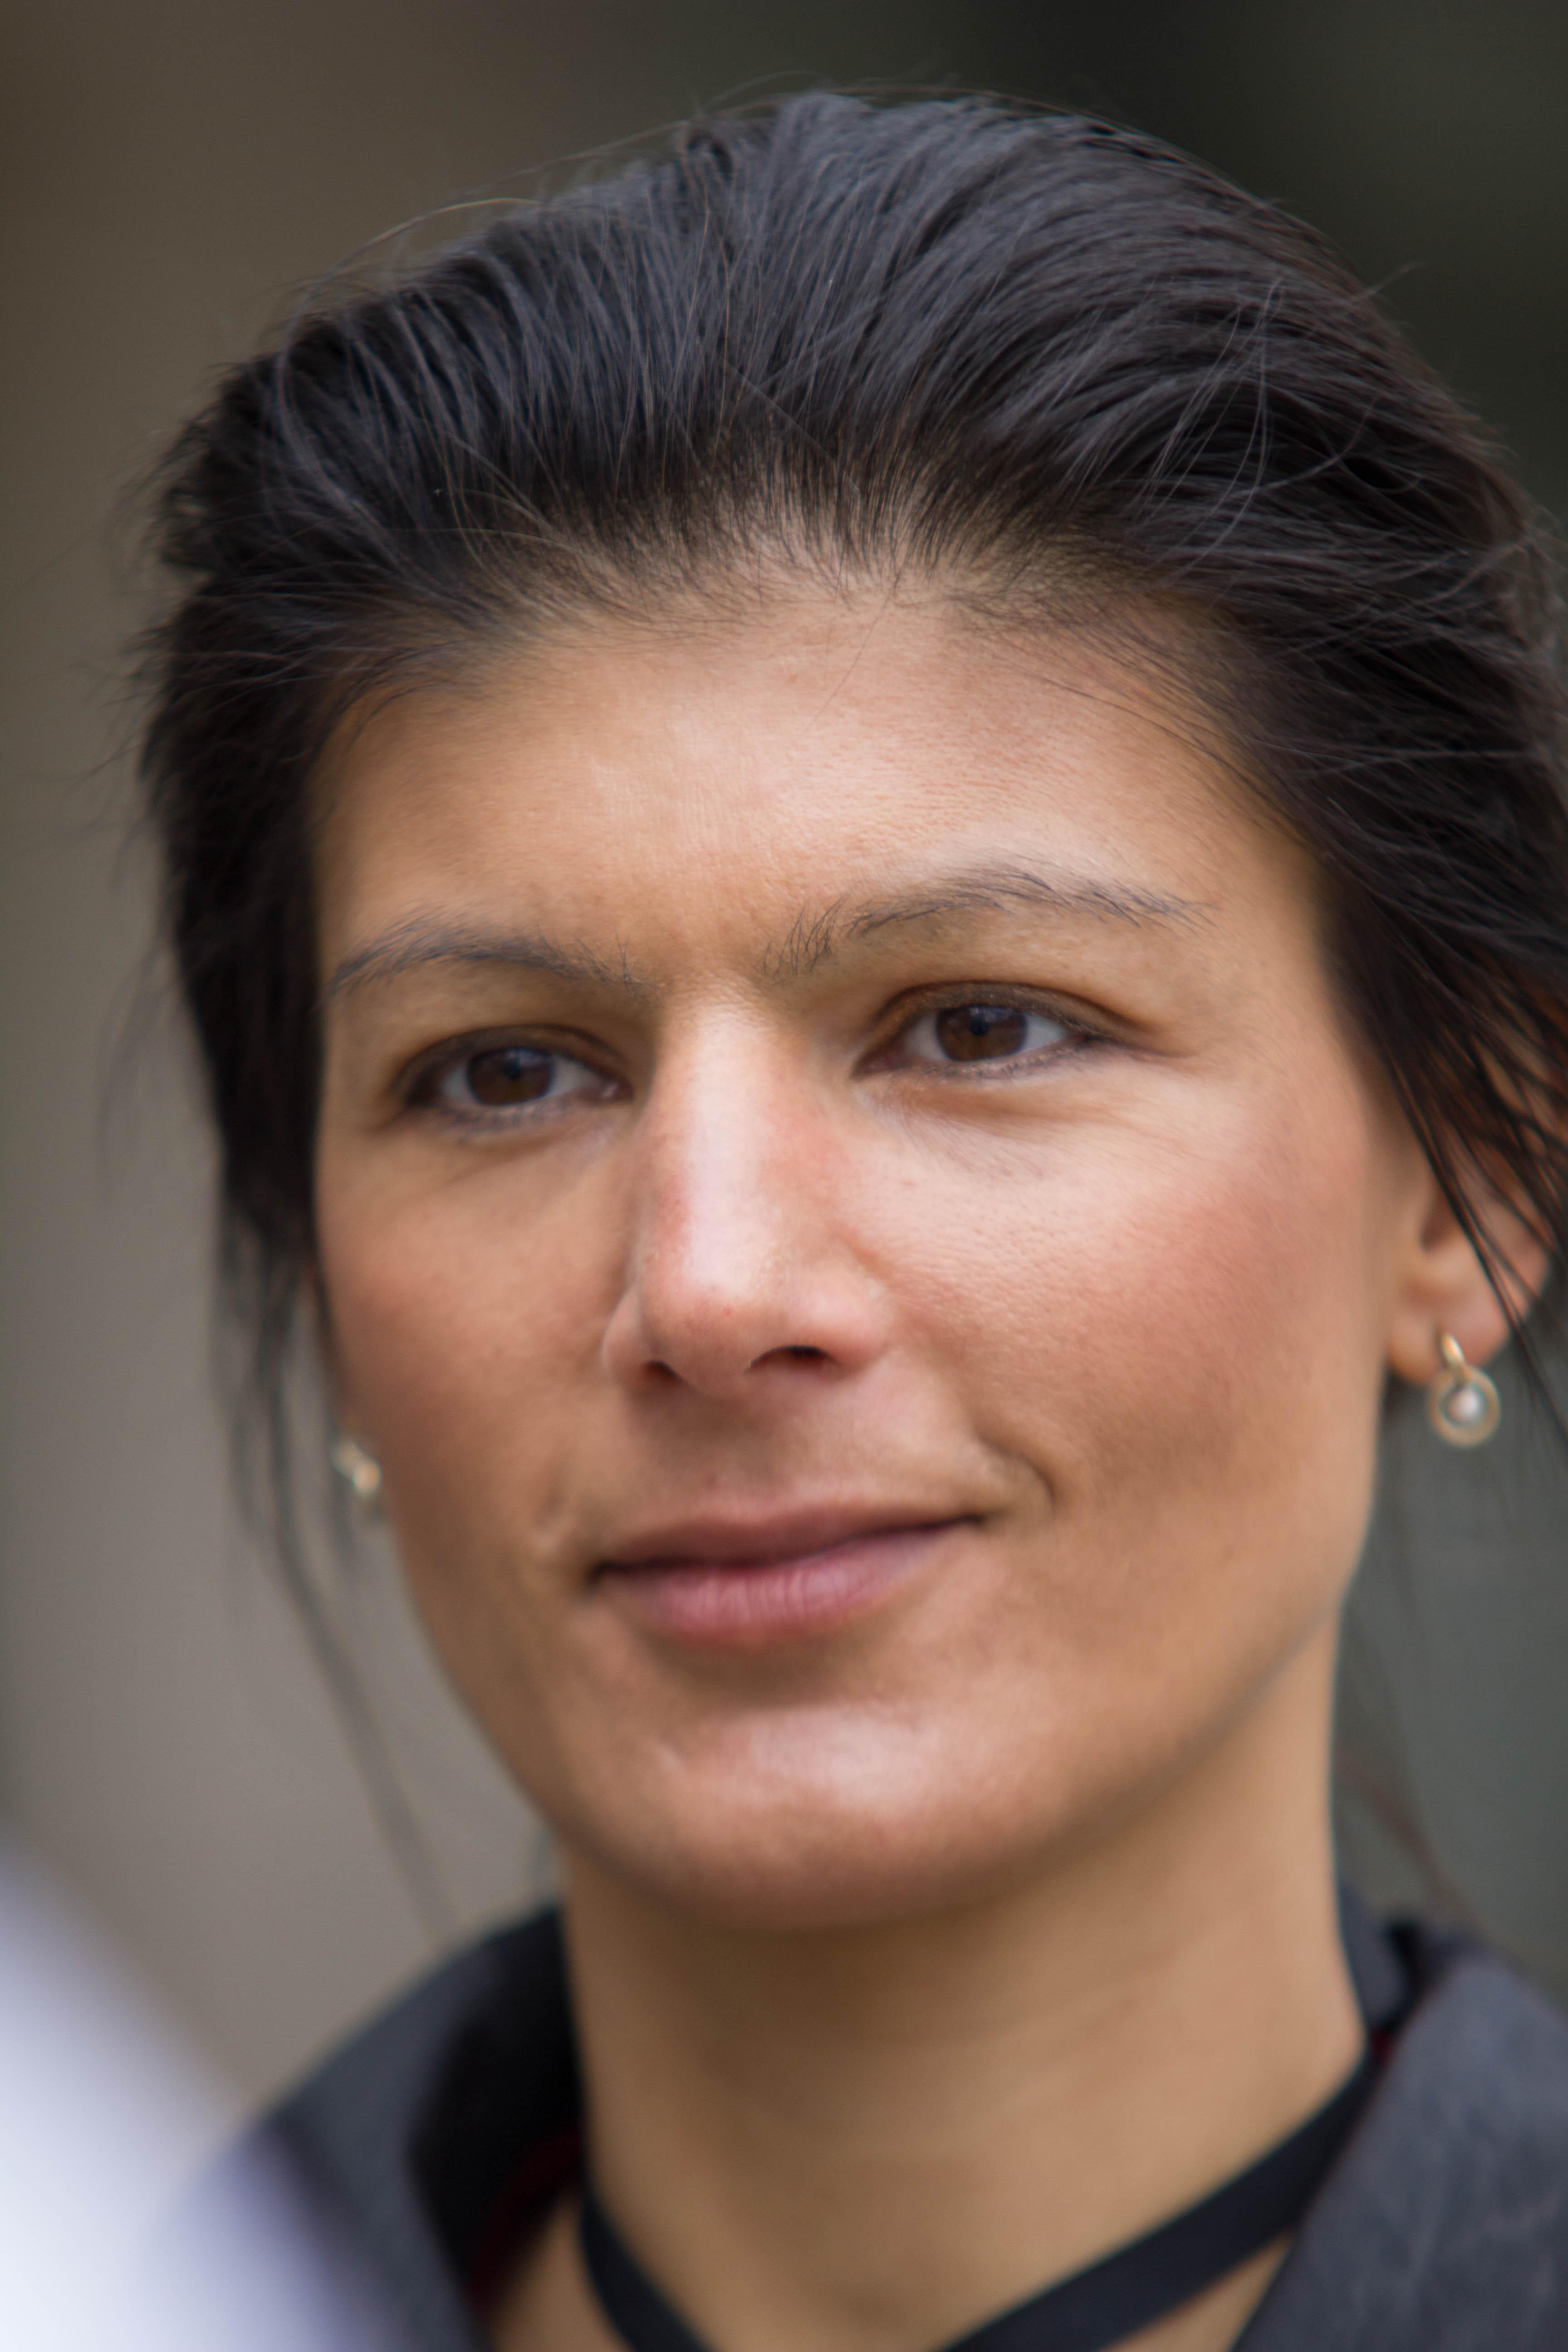 Сара вагенкнехт: германия должна порвать с сша и нато сара вагенкнехт, сопредседатель левой партии бундестага